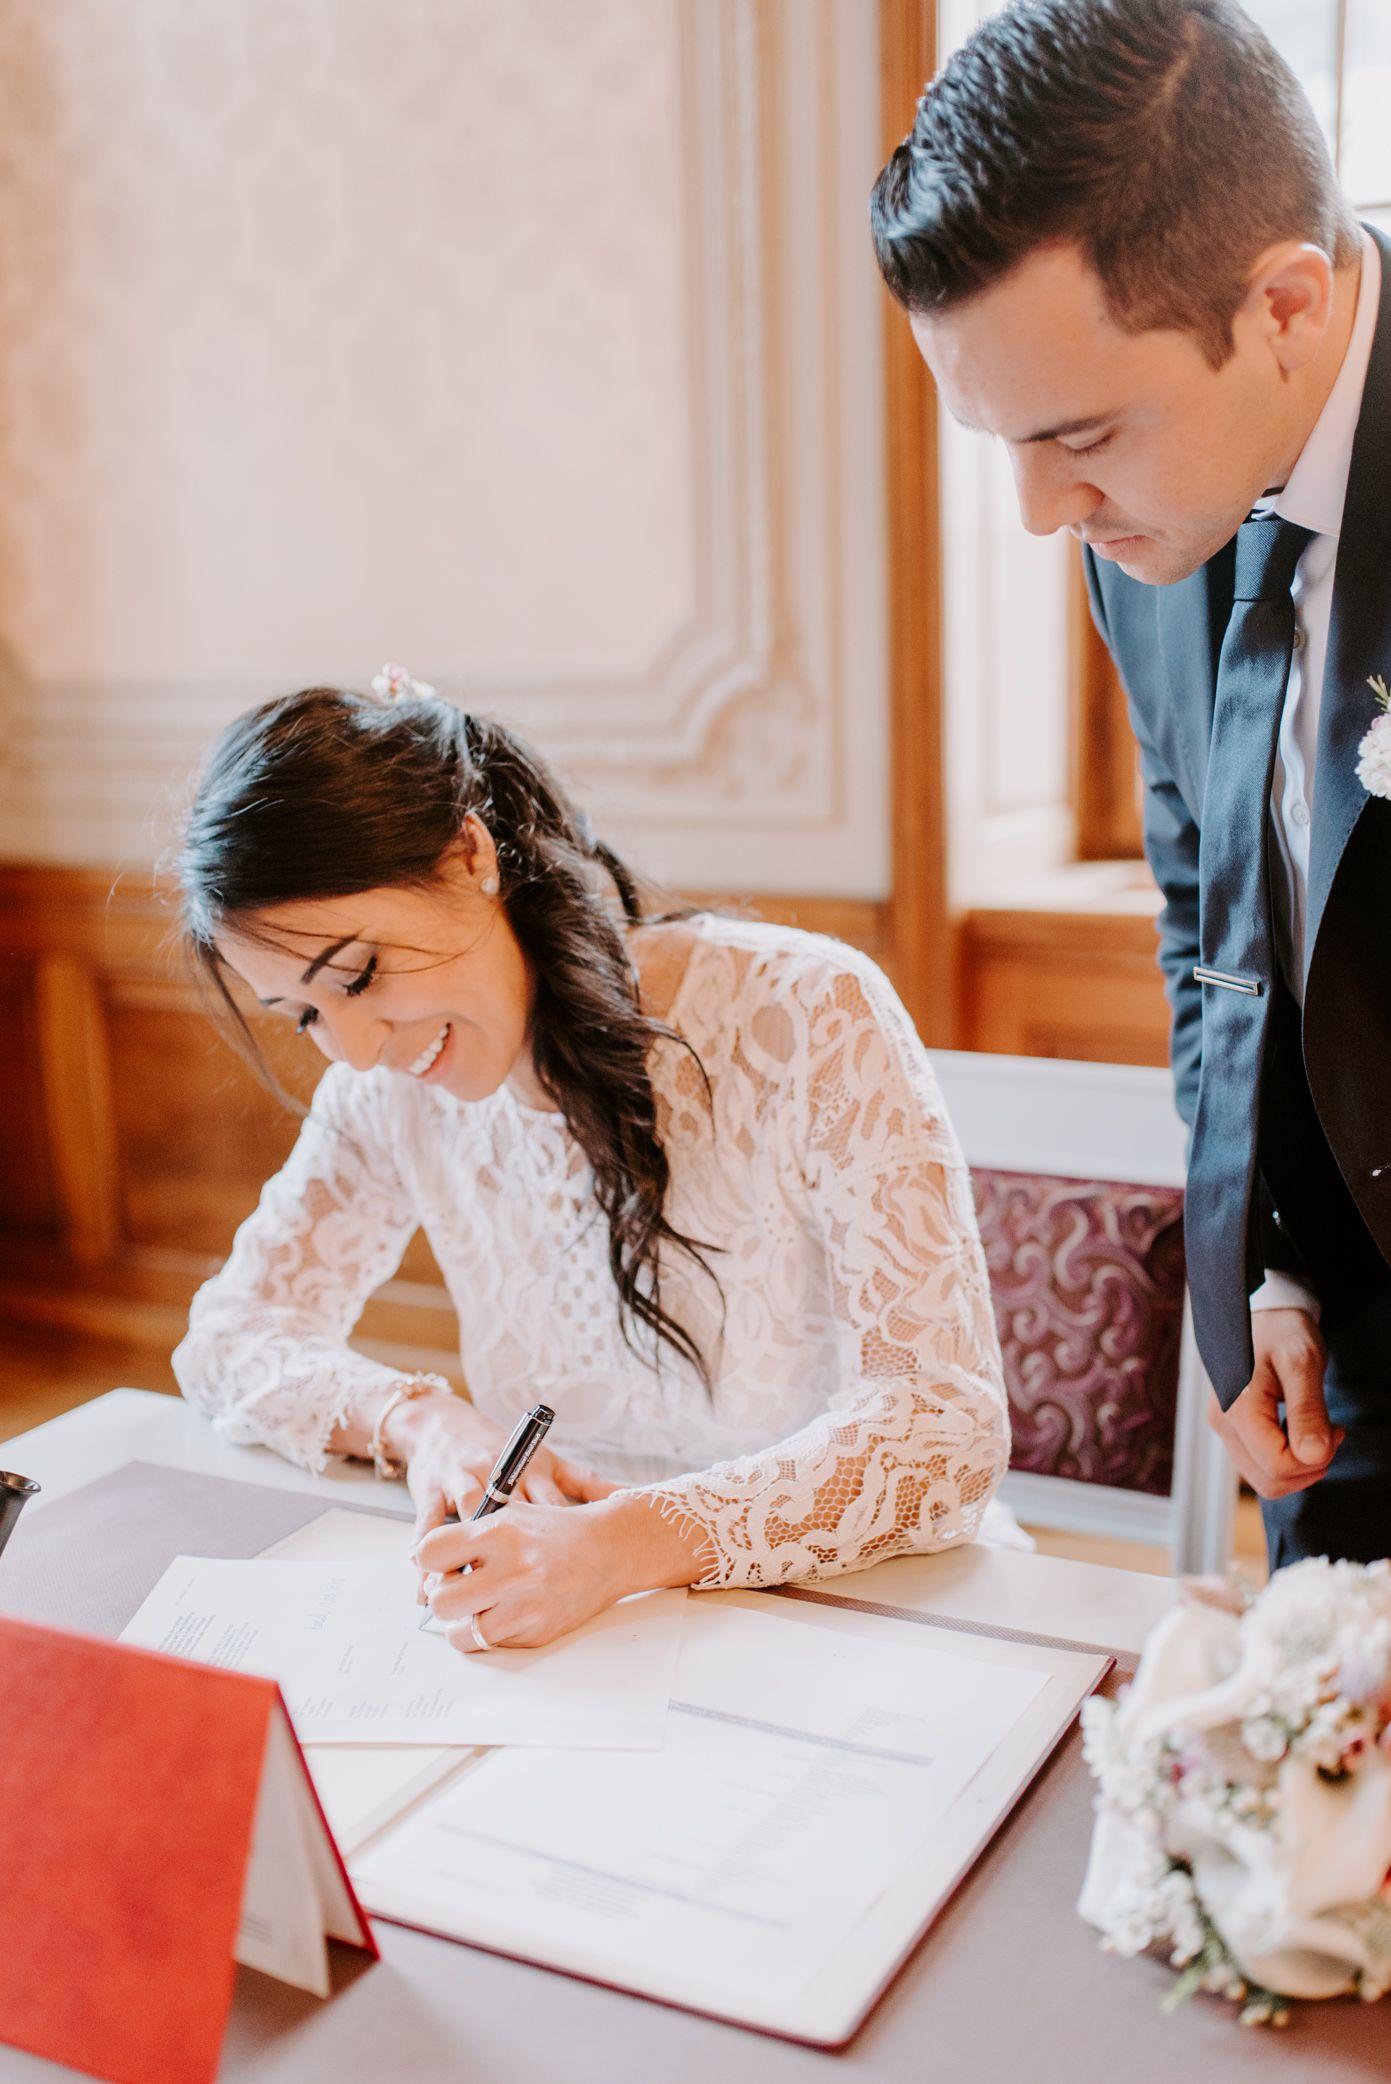 Zivilstandsamt Wedding Svadebnye Portrety Svadebnye Fotografii Svadebnye Pozy